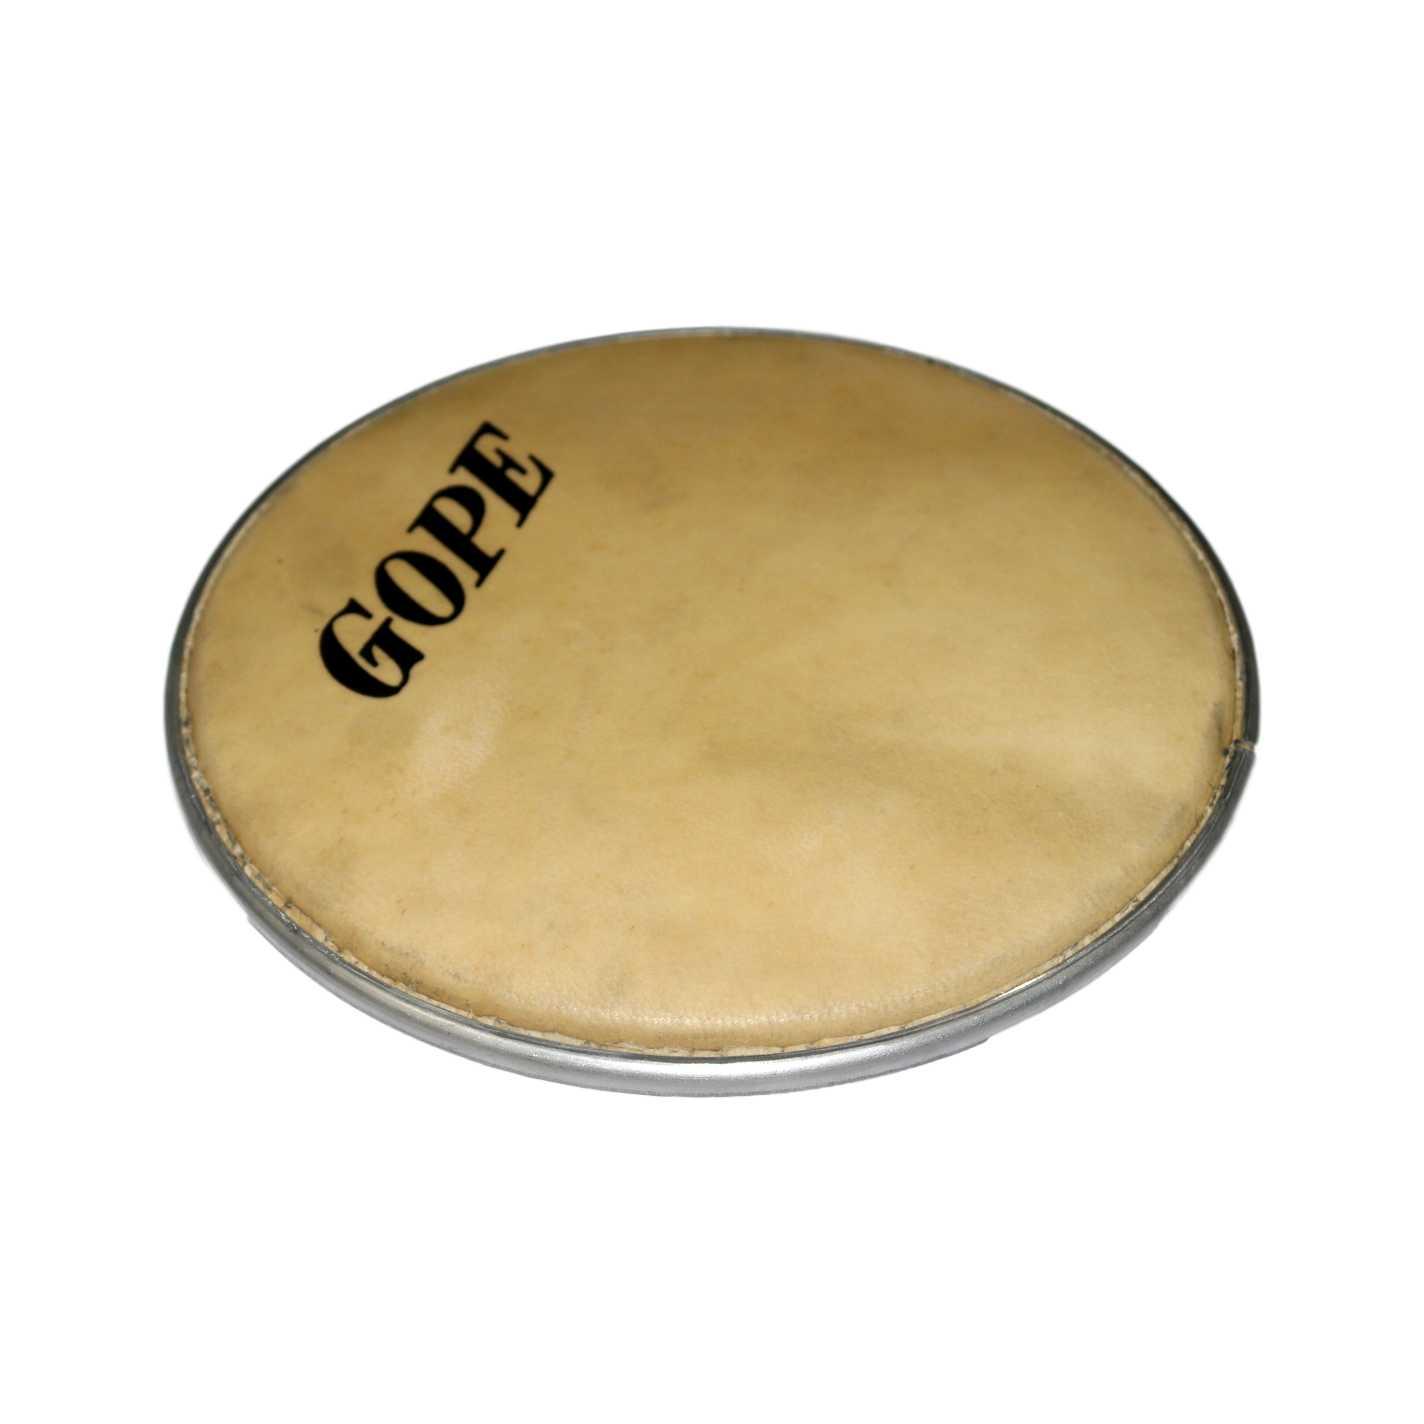 Pele Couro Gope 8 polegadas Banjo